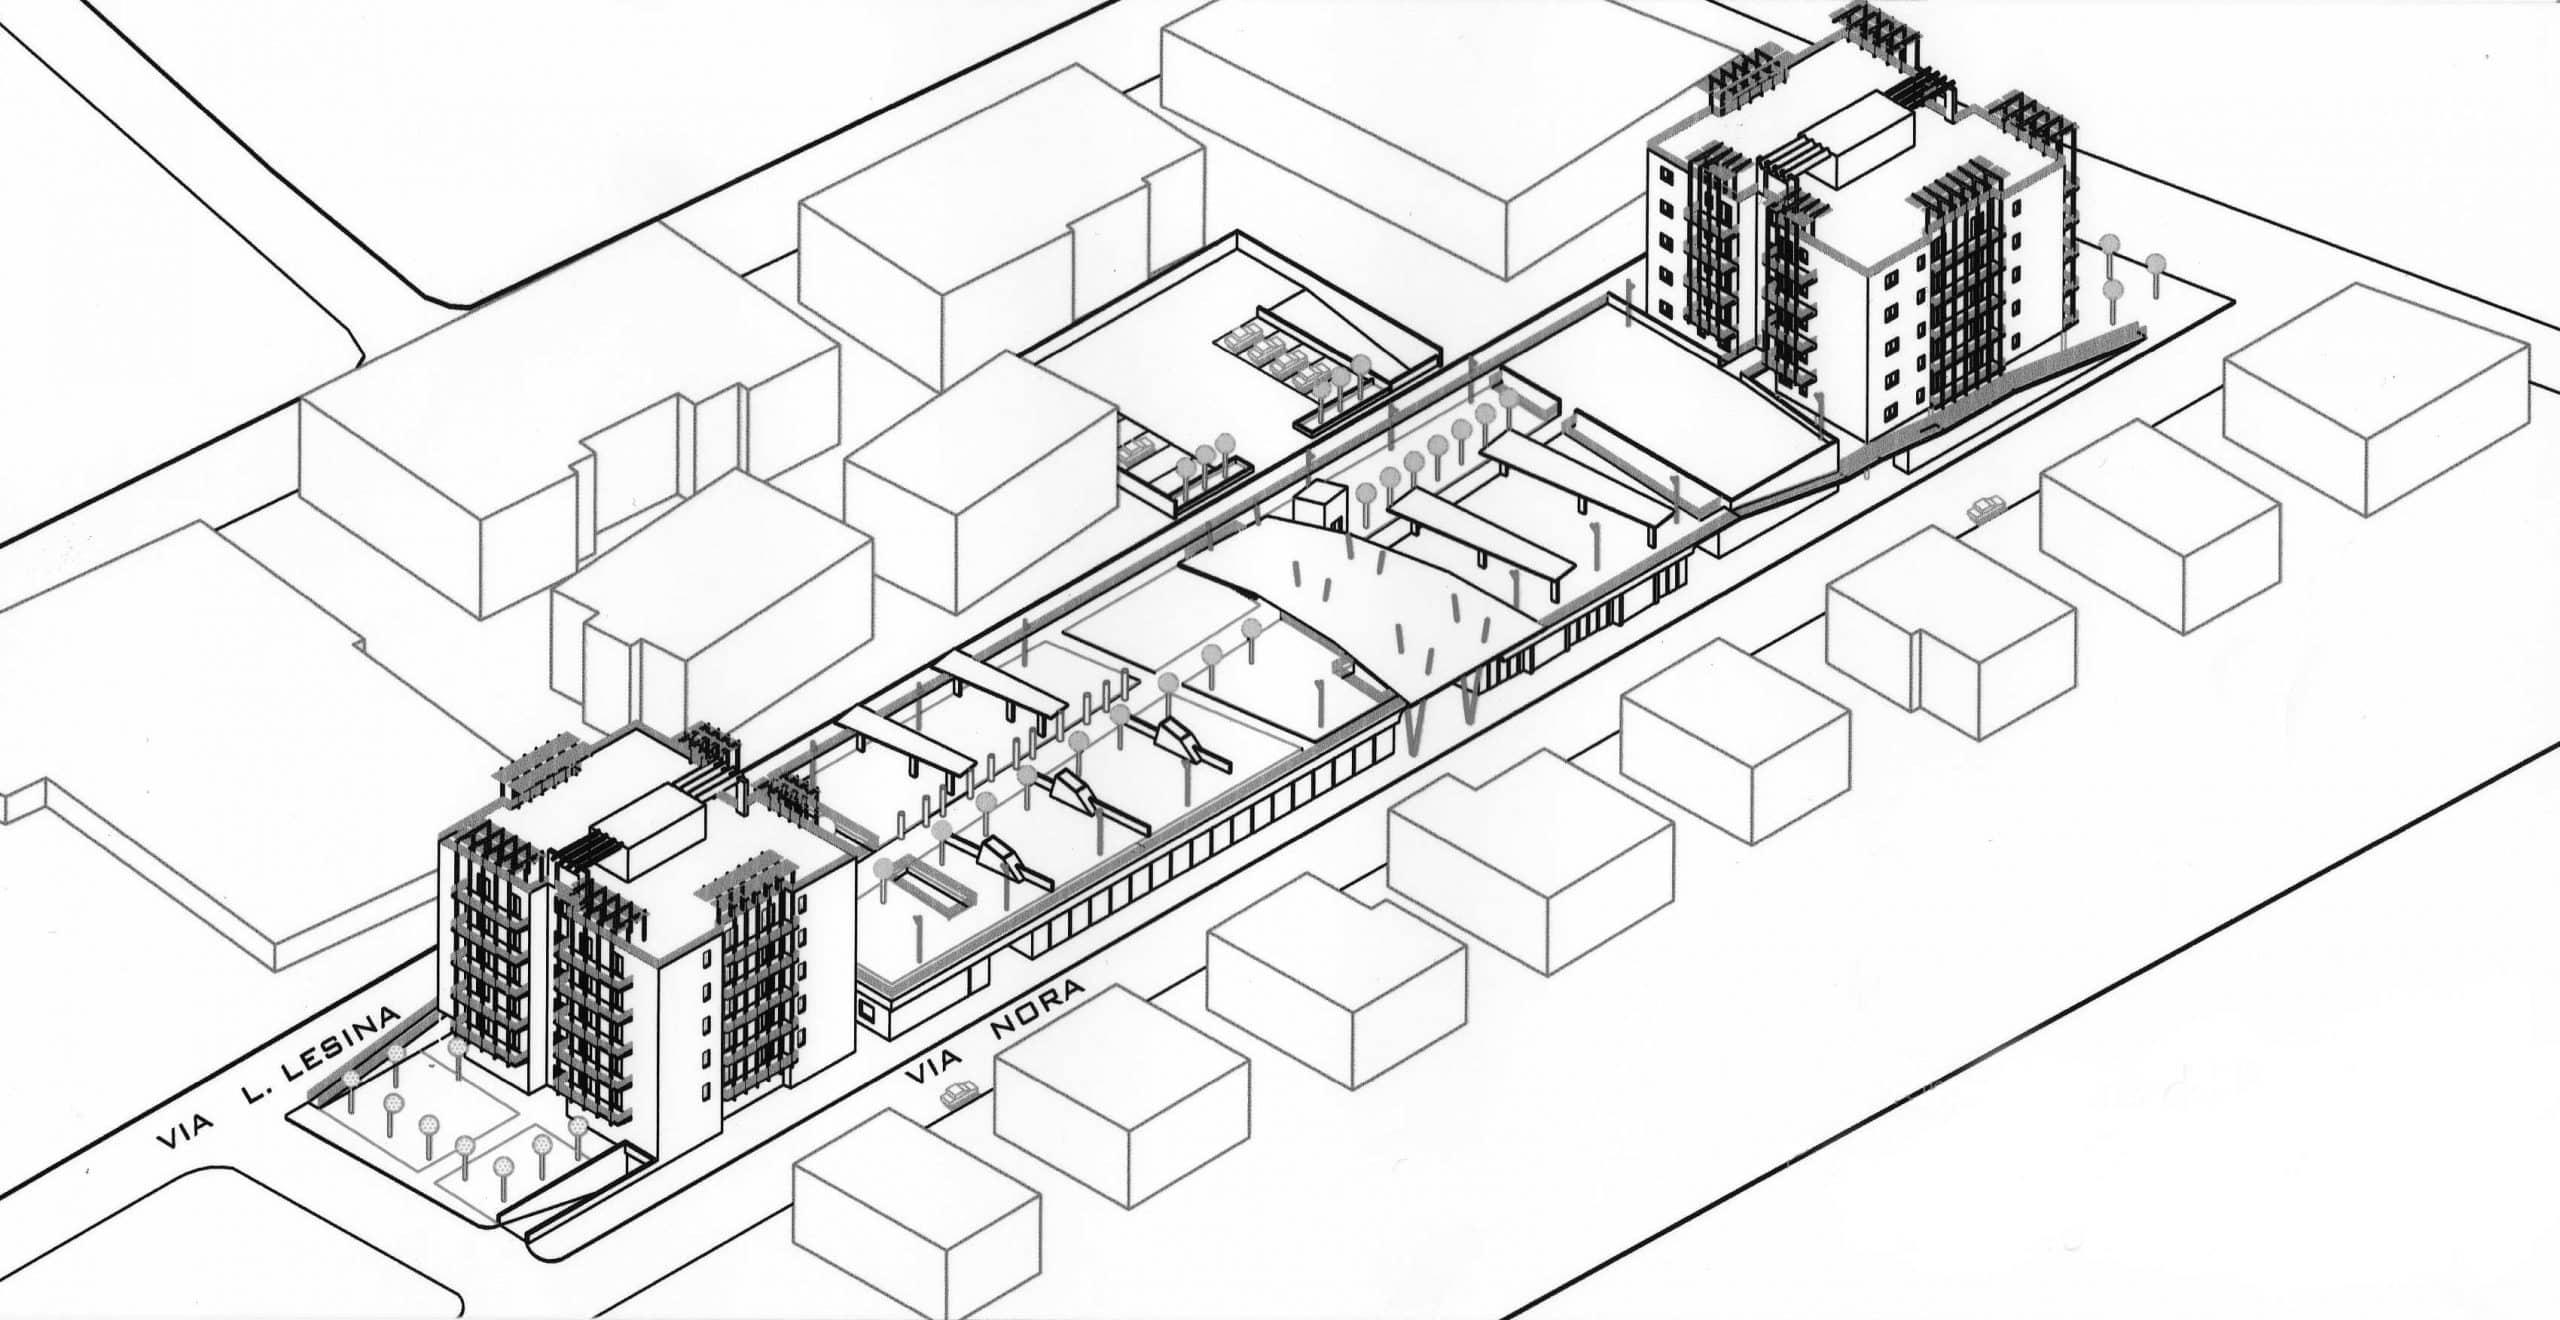 18 - CdQ, Quartiere 3 - Rione Rancitelli, Pescara; con D. Bugiani, G. Di Cristina, R. Mascetta e D. Tronca - Vista assonometrica